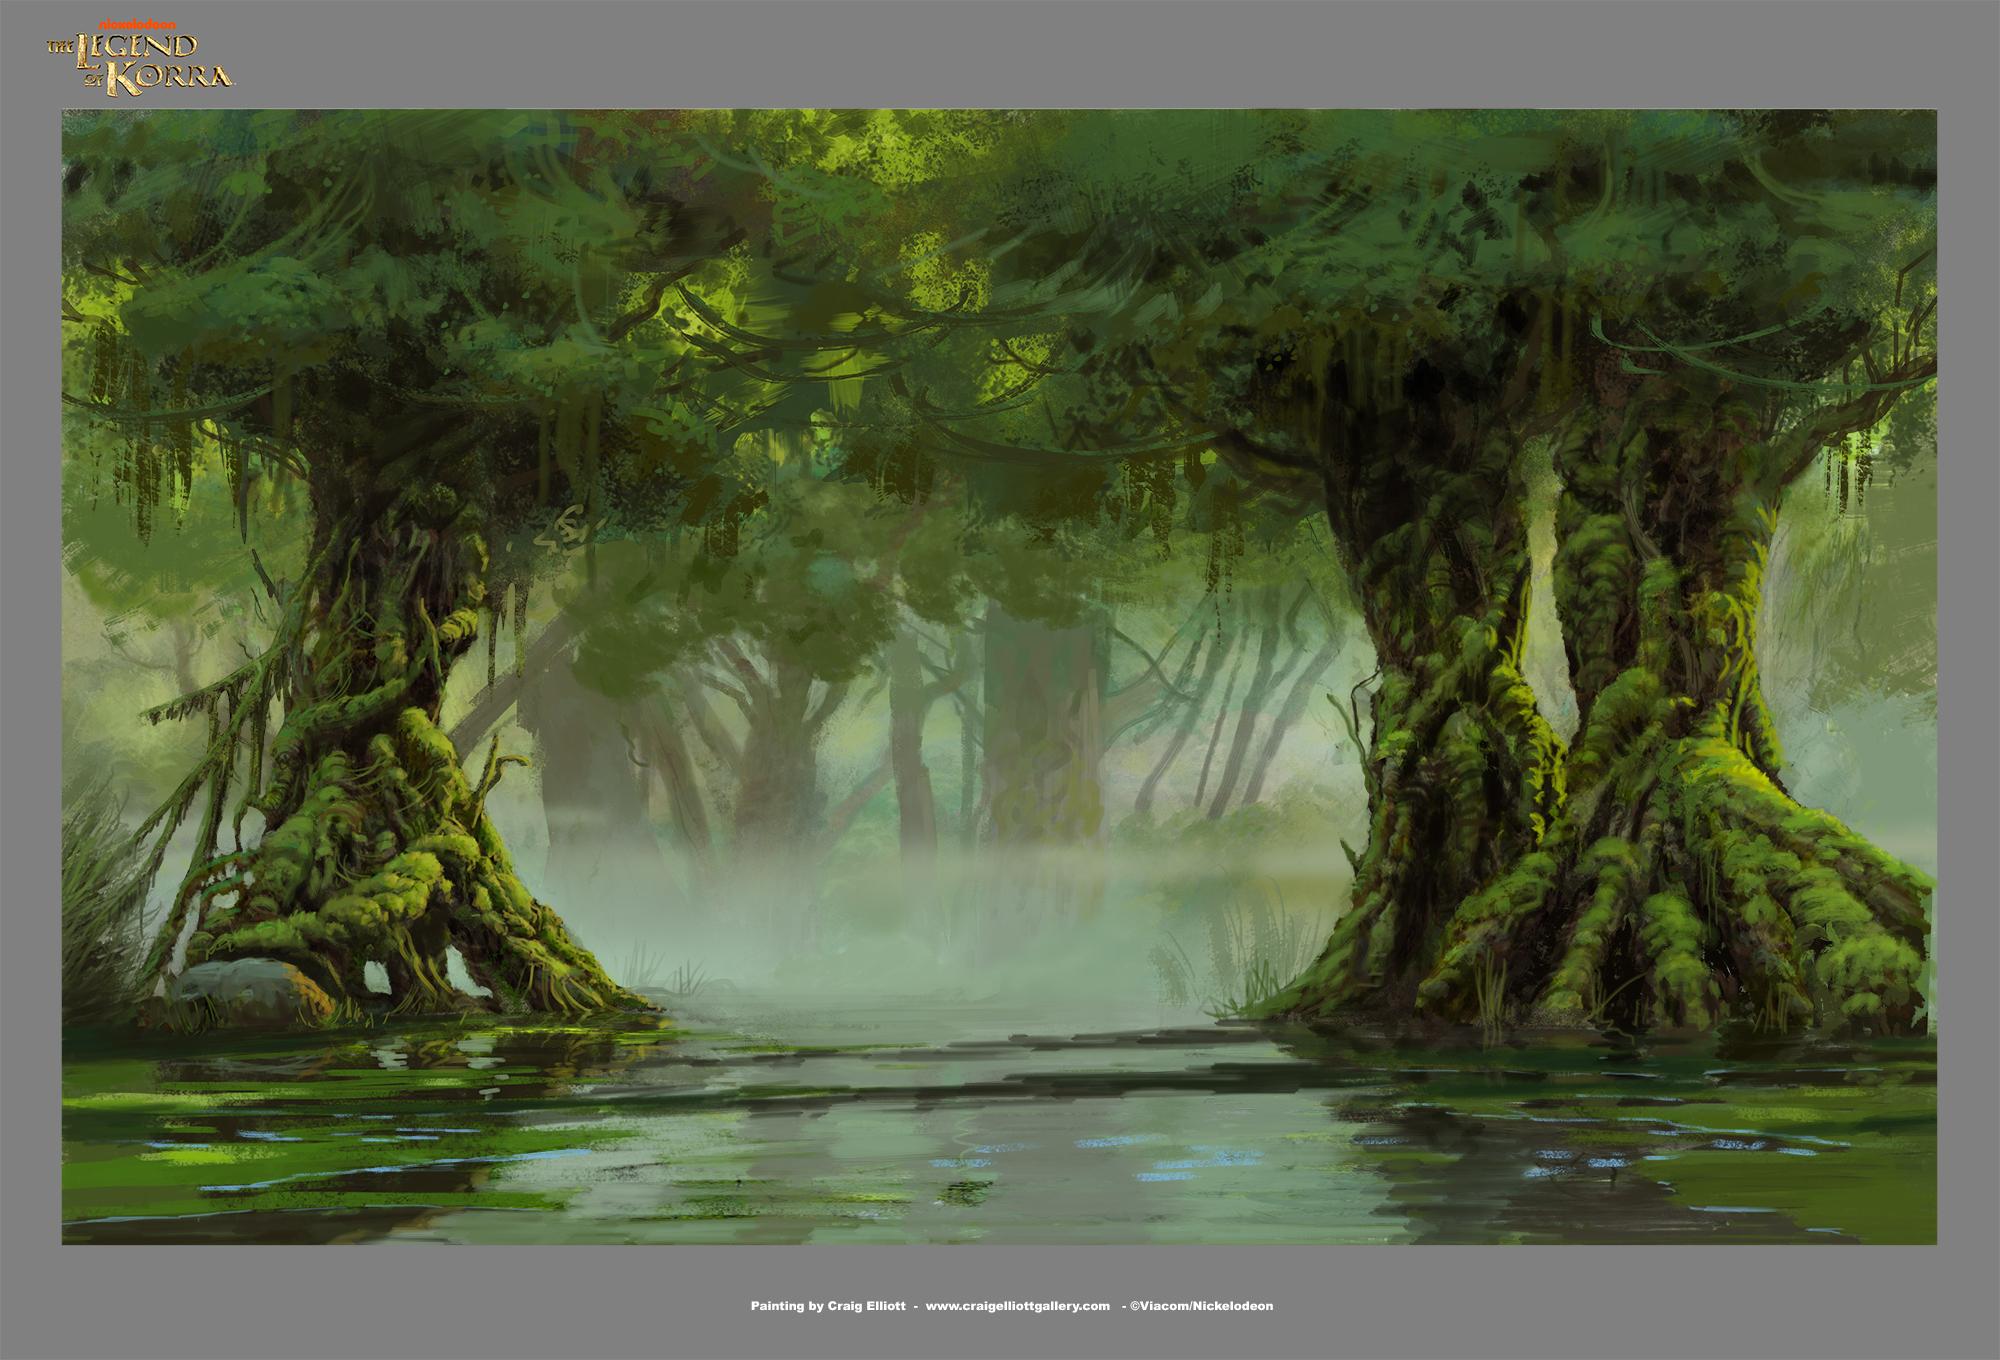 K404_162_BG_ExtSwamp_v6_SNST_02_23_14_NEW-paint_v2.jpg